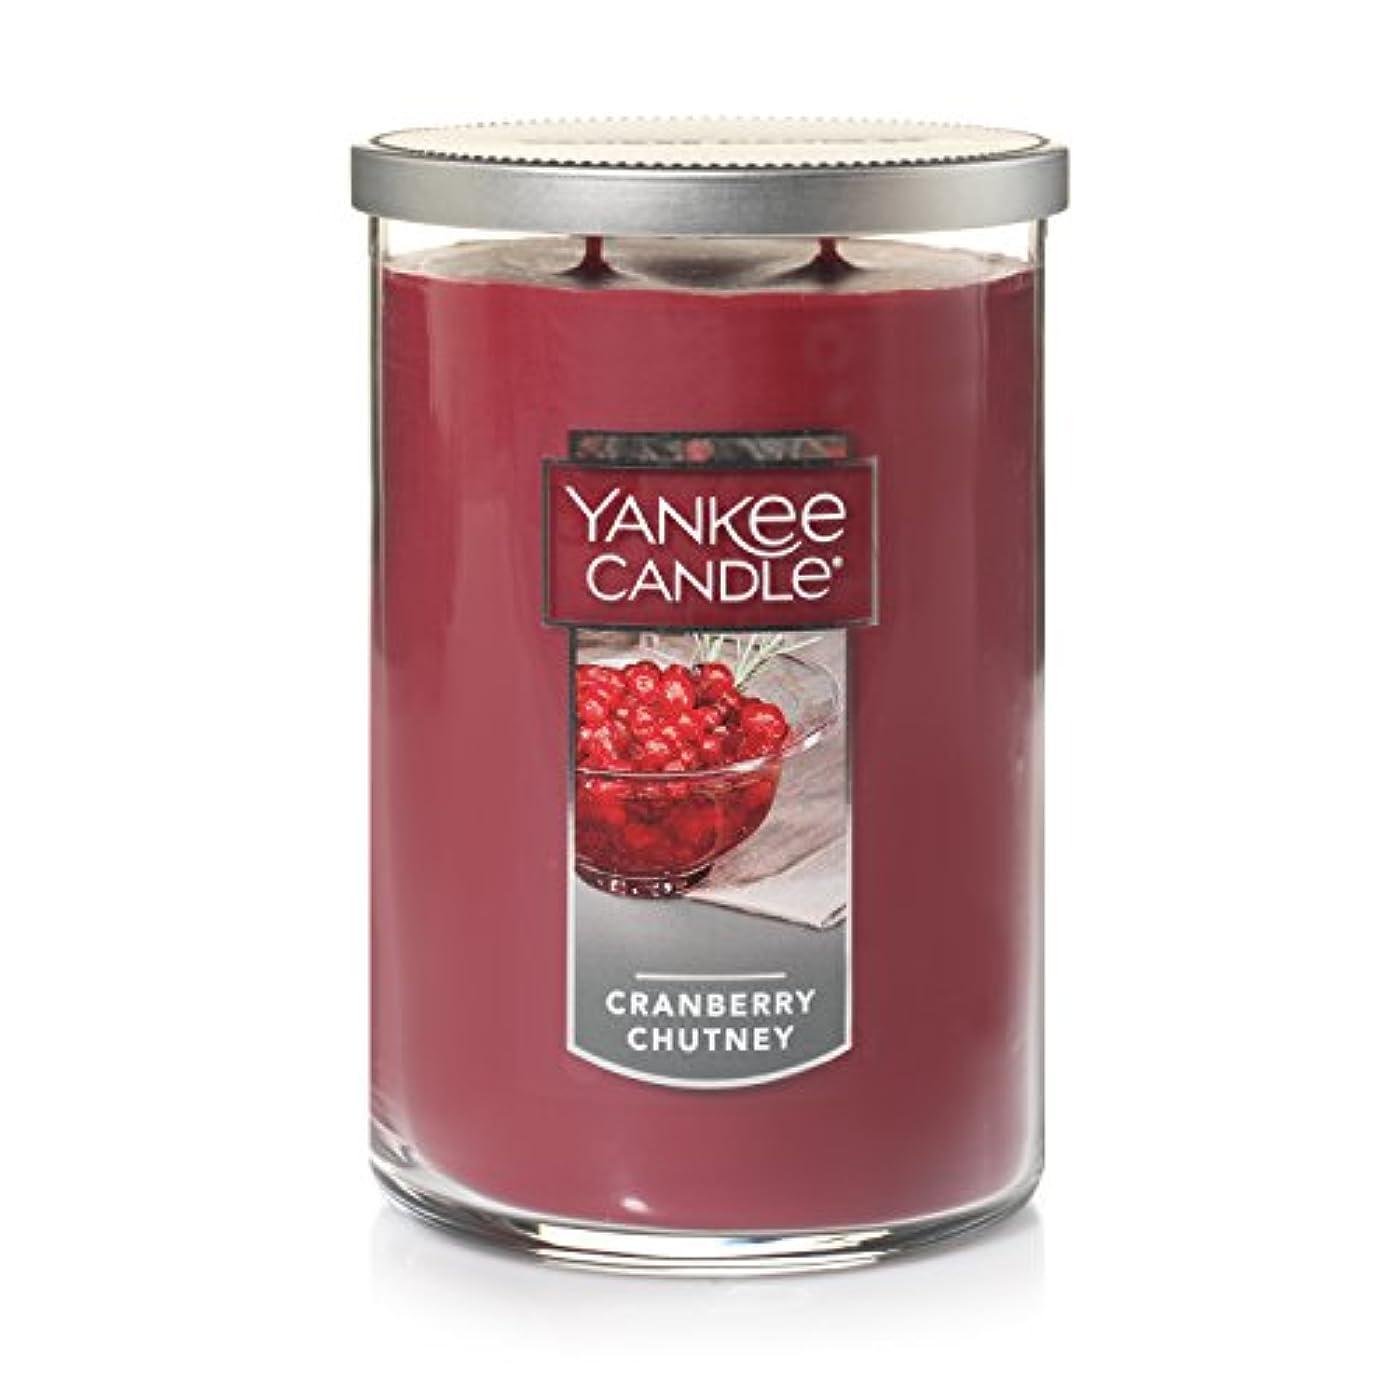 引き潮有名な性交Yankee CandleクランベリーChutney、フルーツ香り Large 2-Wick Tumbler Candle オレンジ 1123208